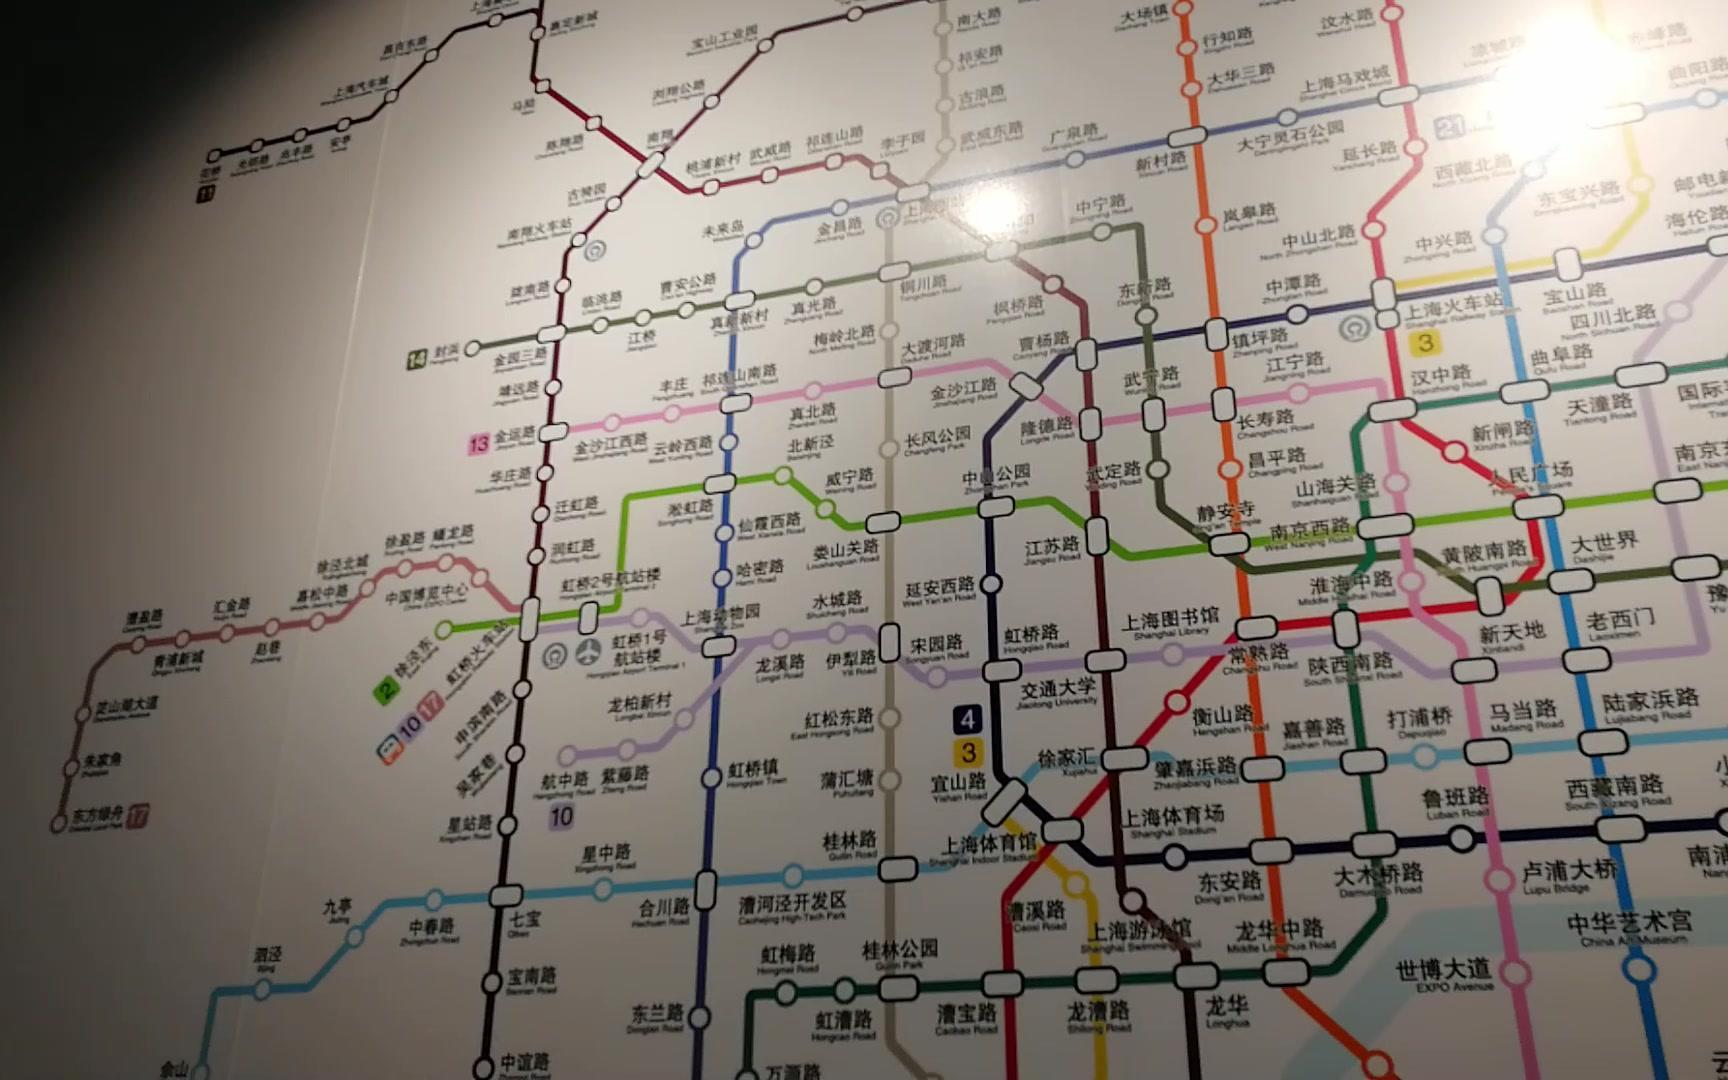 17号线规划图_【秦寰】上海地铁未来规划图(2020年)_哔哩哔哩 (゜-゜)つロ 干杯 ...